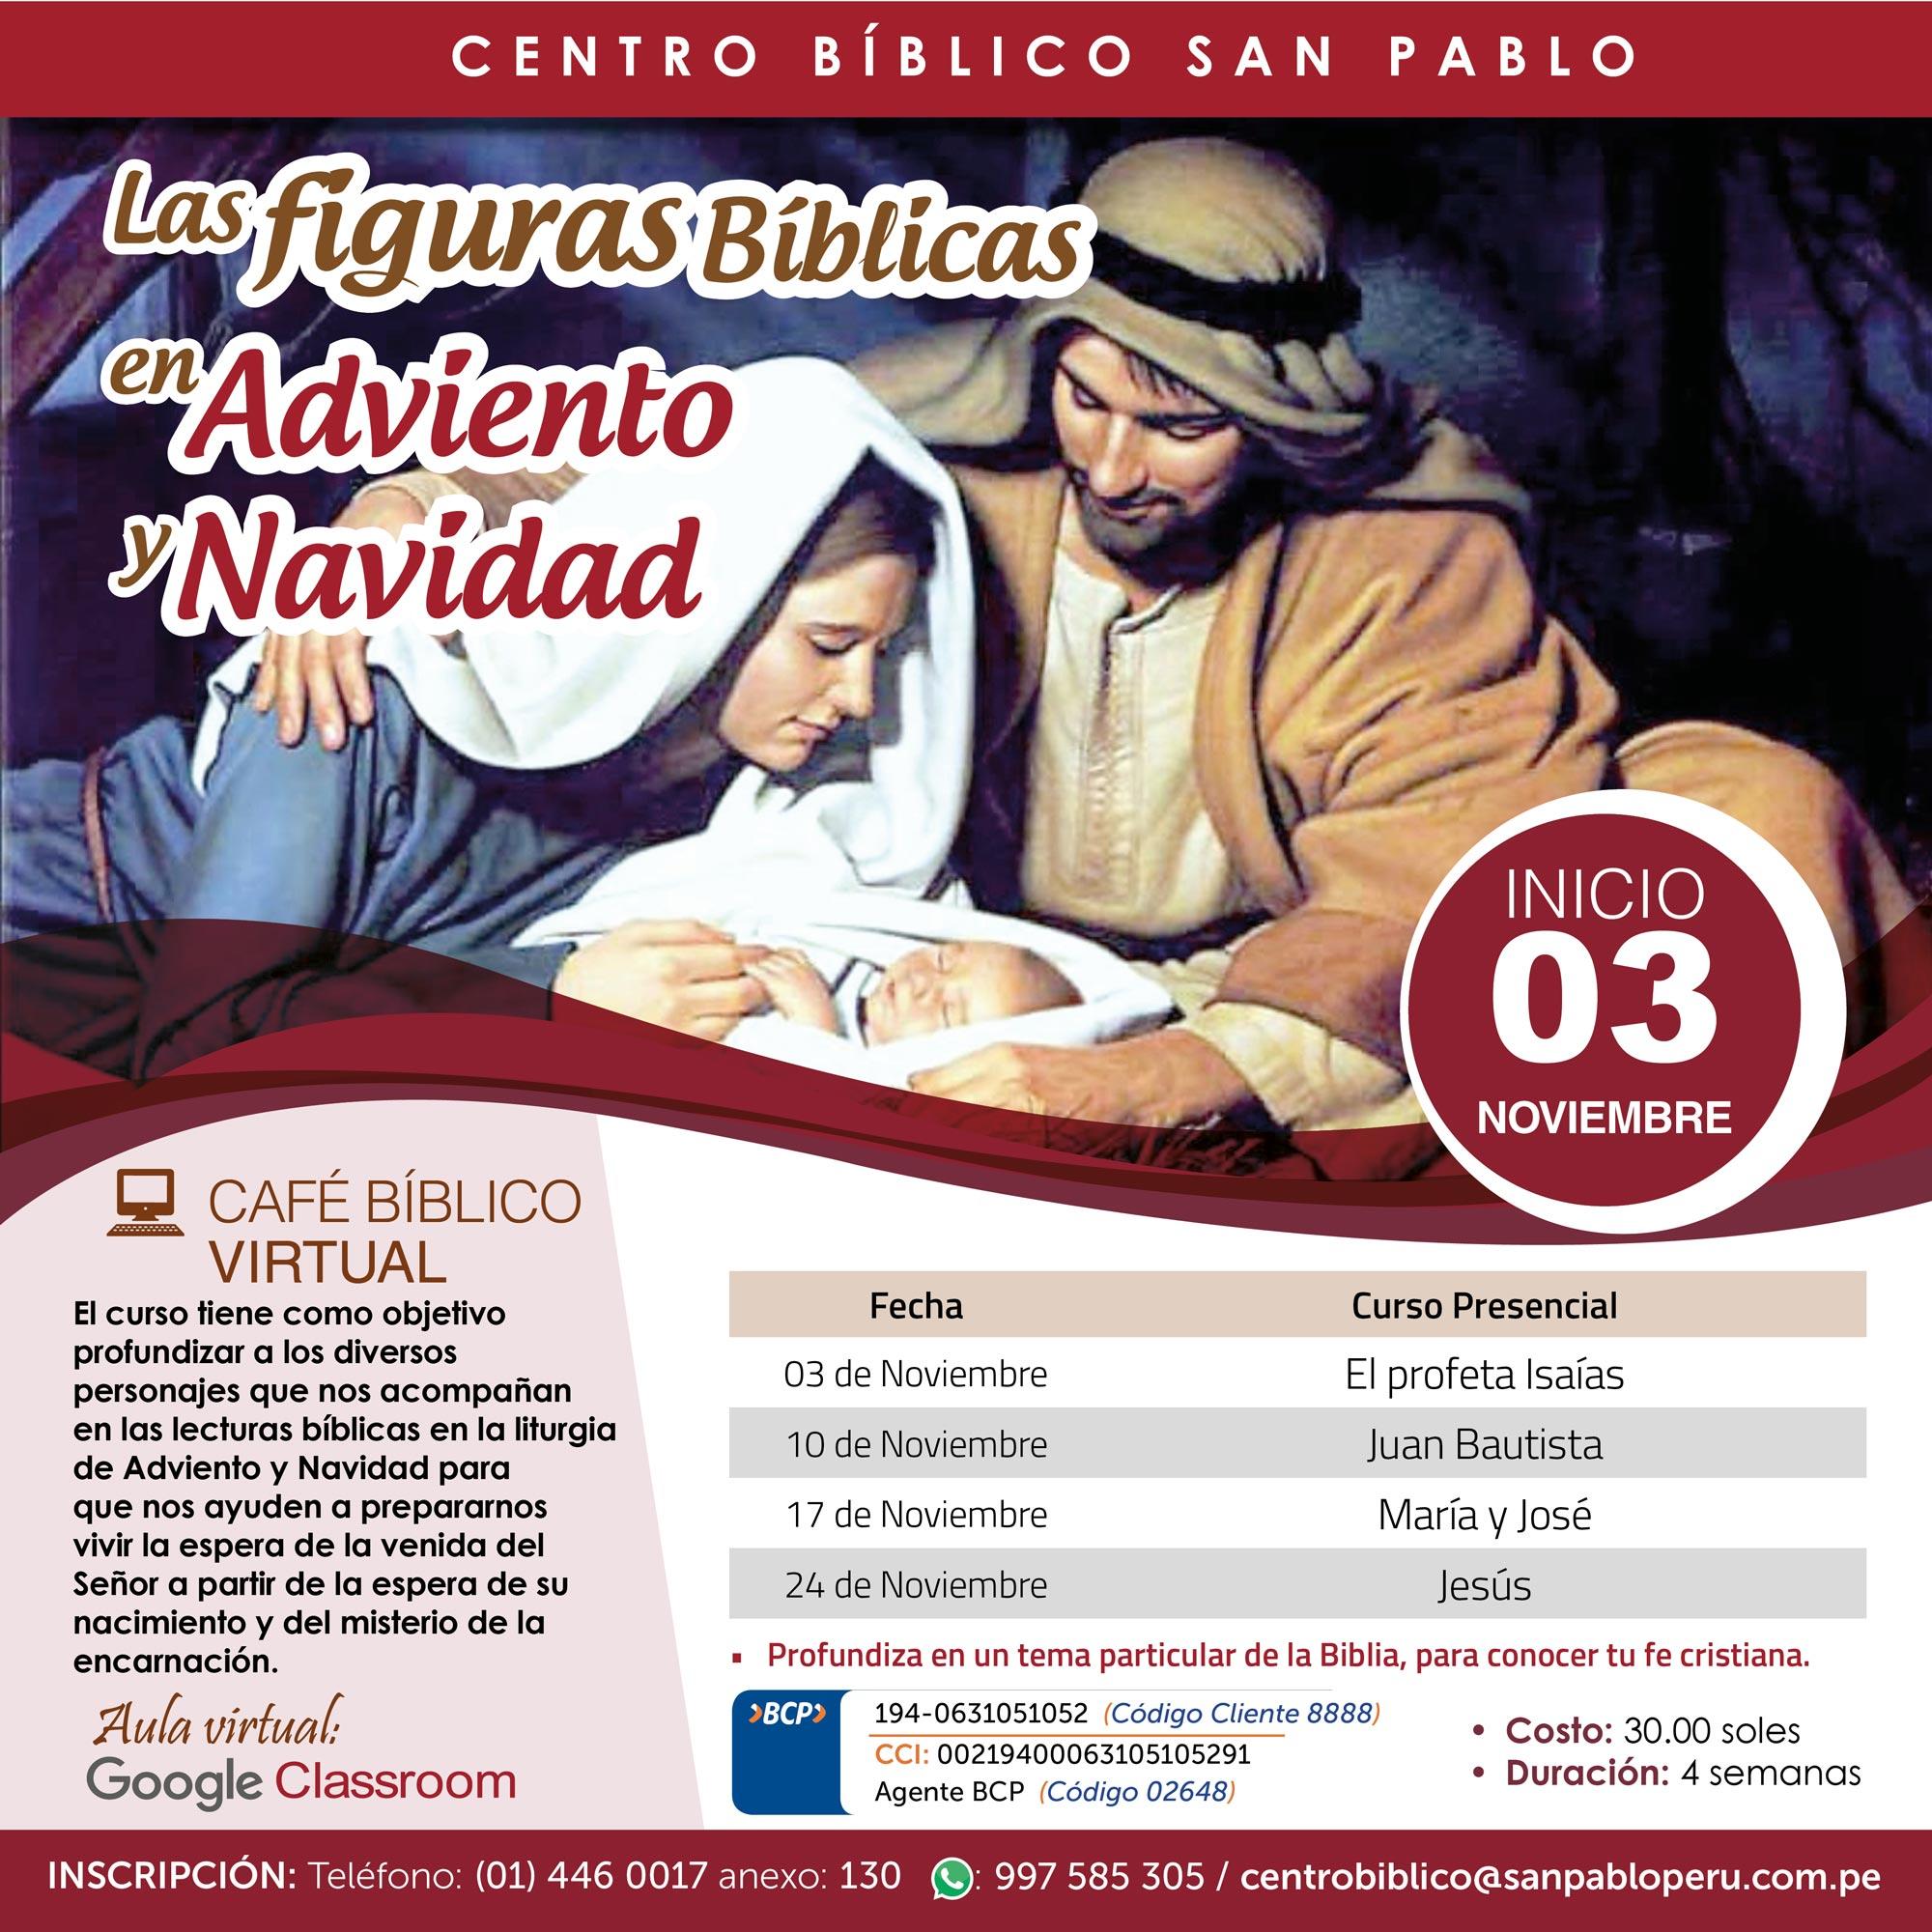 Las Figuras Bíblicas en Adviento y Navidad